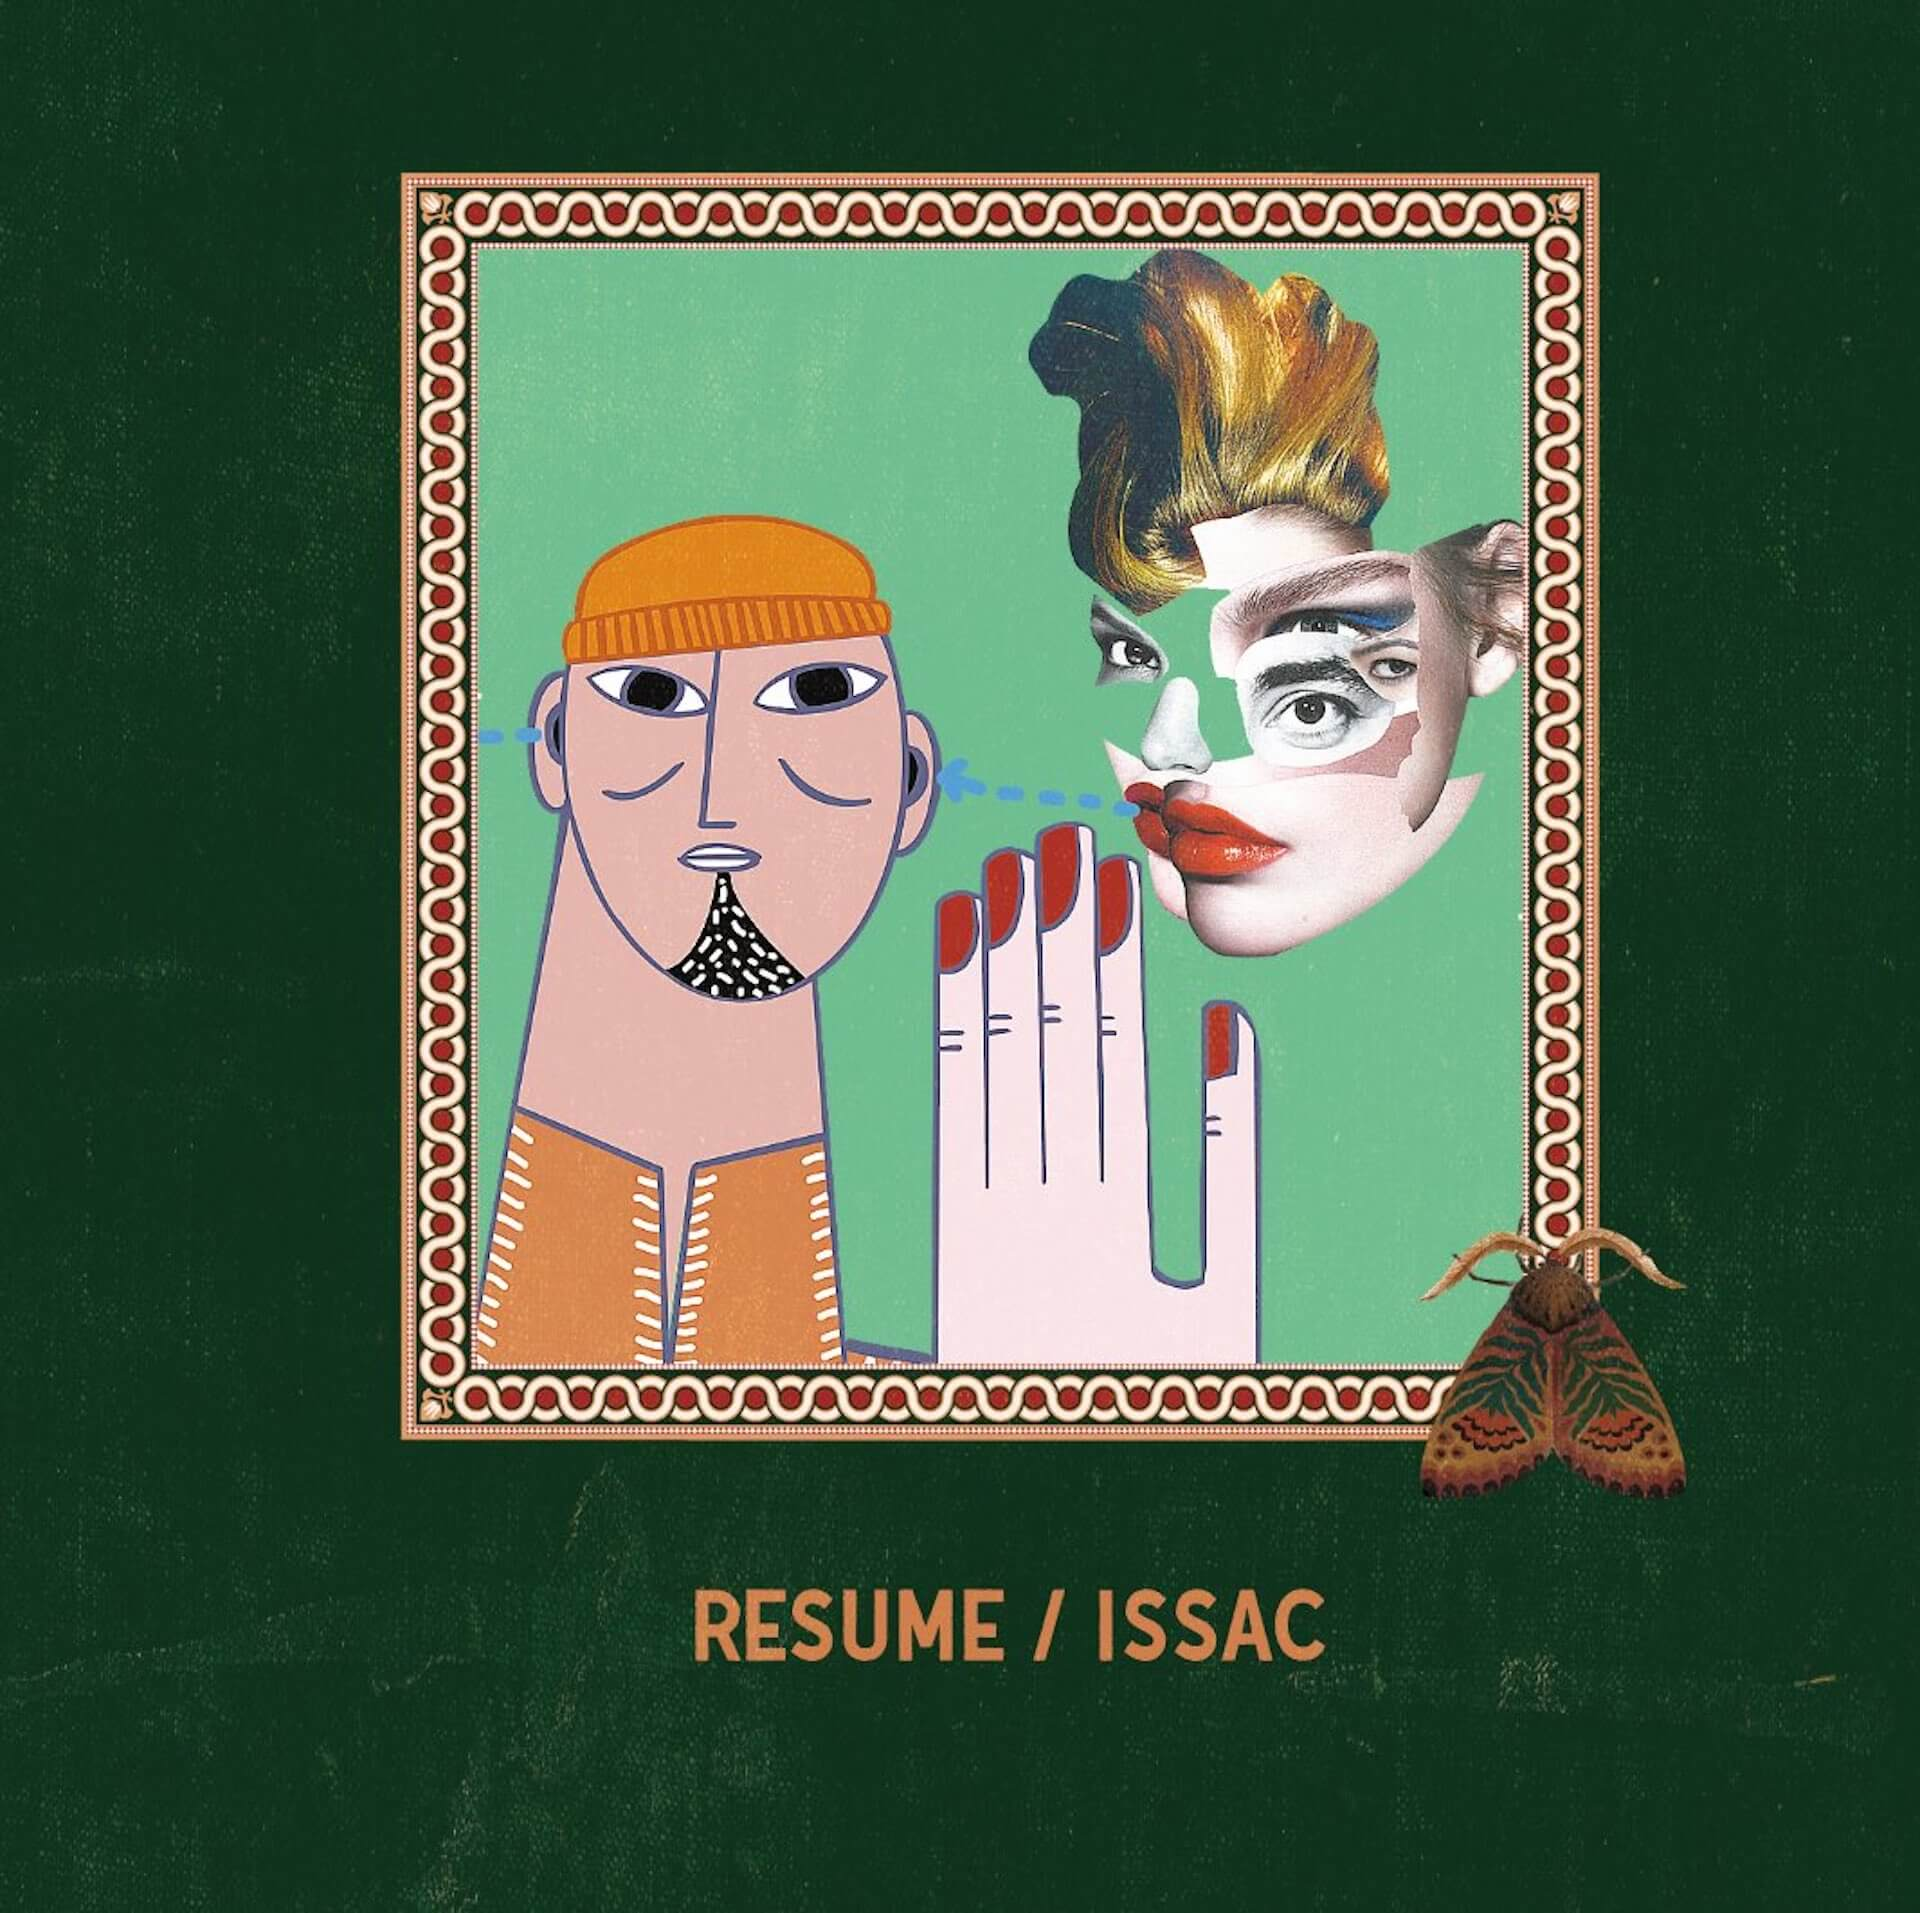 ROCKASEN・ISSACが待望のソロアルバム『RESUME』を〈RCslum〉からリリース|BUSHMIND、CHAPAH、DJ HIGHSCHOOL、M.O.Pらが参加 music200803-issac-rockasen